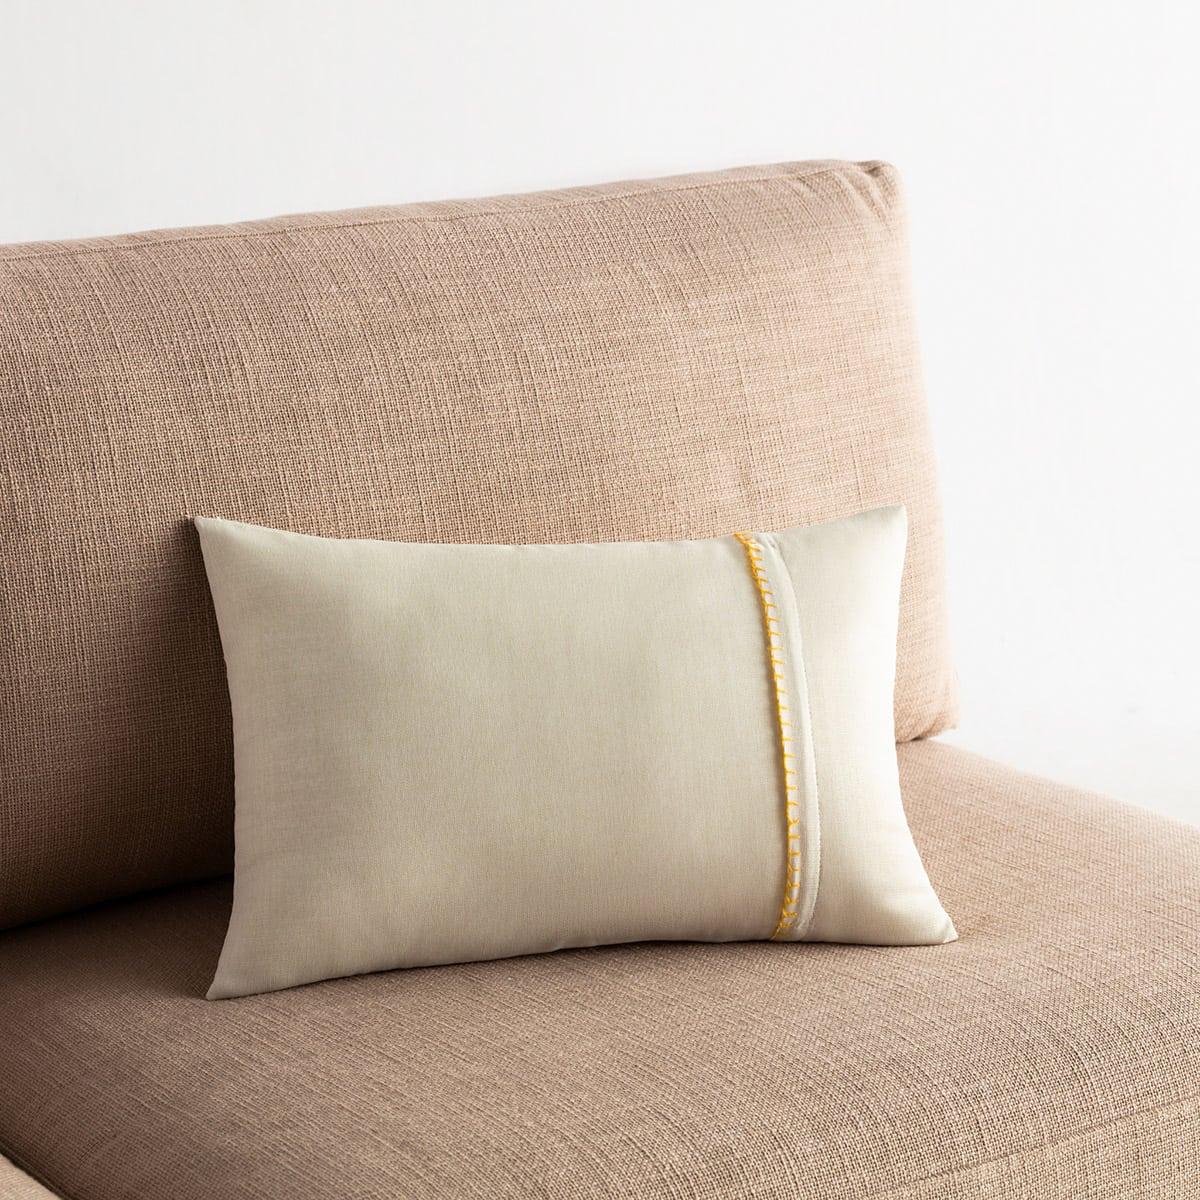 Μαξιλαροθήκη Διακοσμητική Chrome 930C/04 Off White-Mustard Gofis Home 30Χ50 100% Polyester